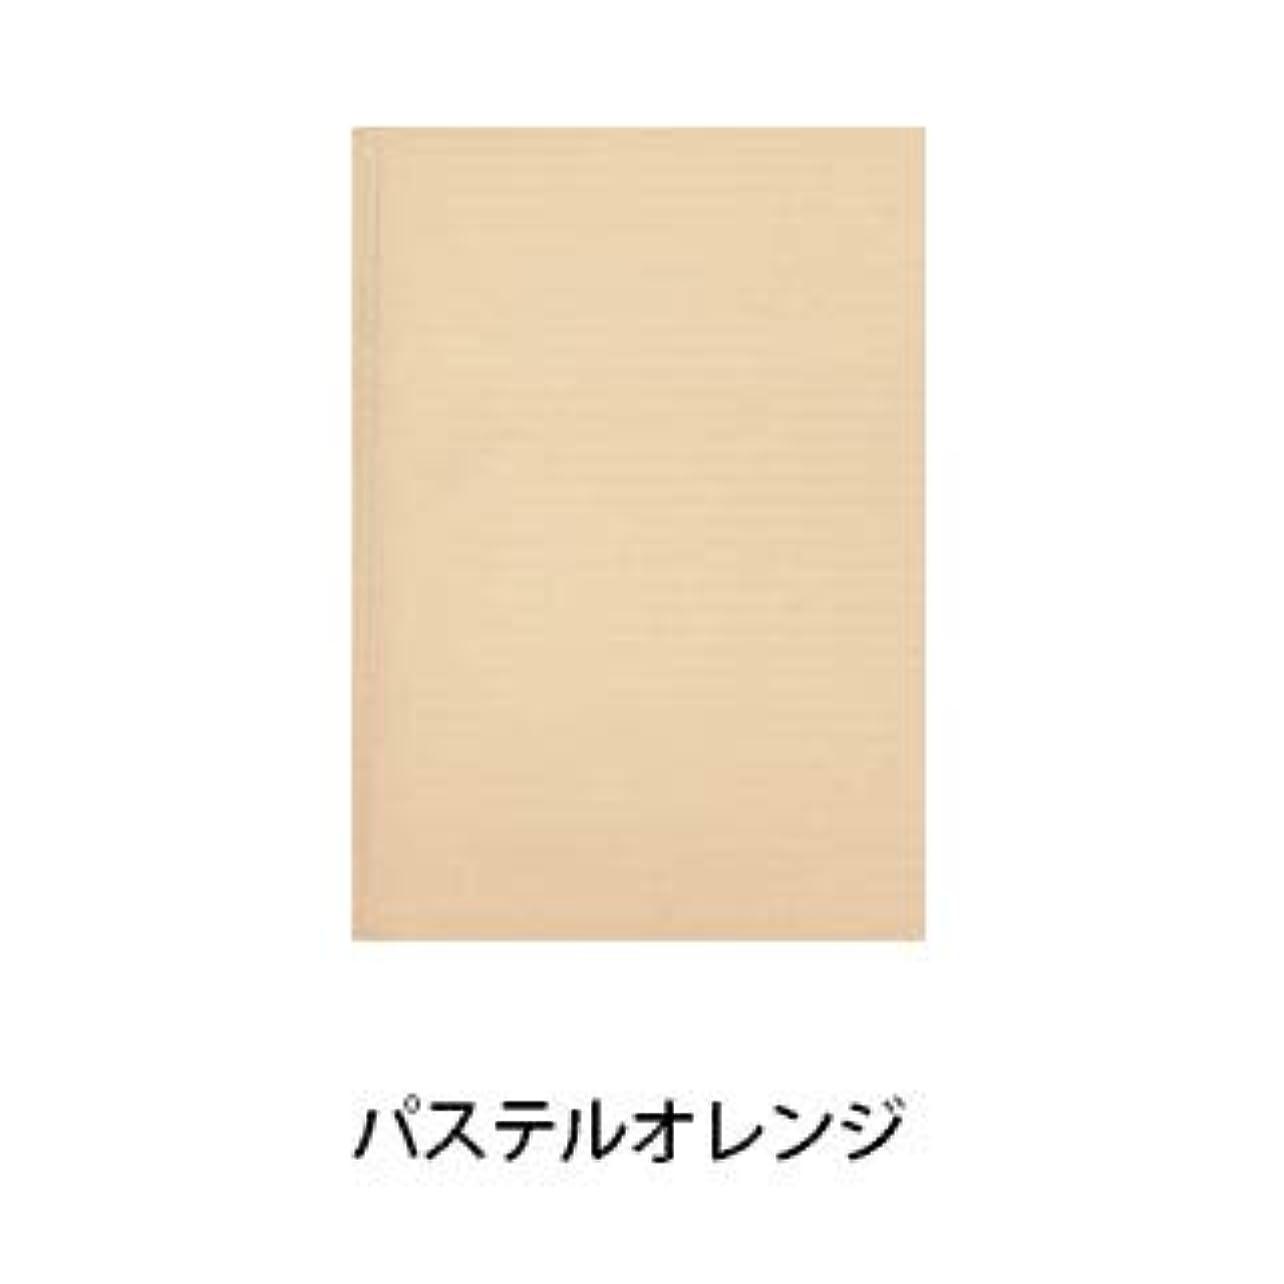 感覚鷹バウンス【パステルシリーズ】100枚入り ネイルシート ペーパークロス (パステルオレンジ)